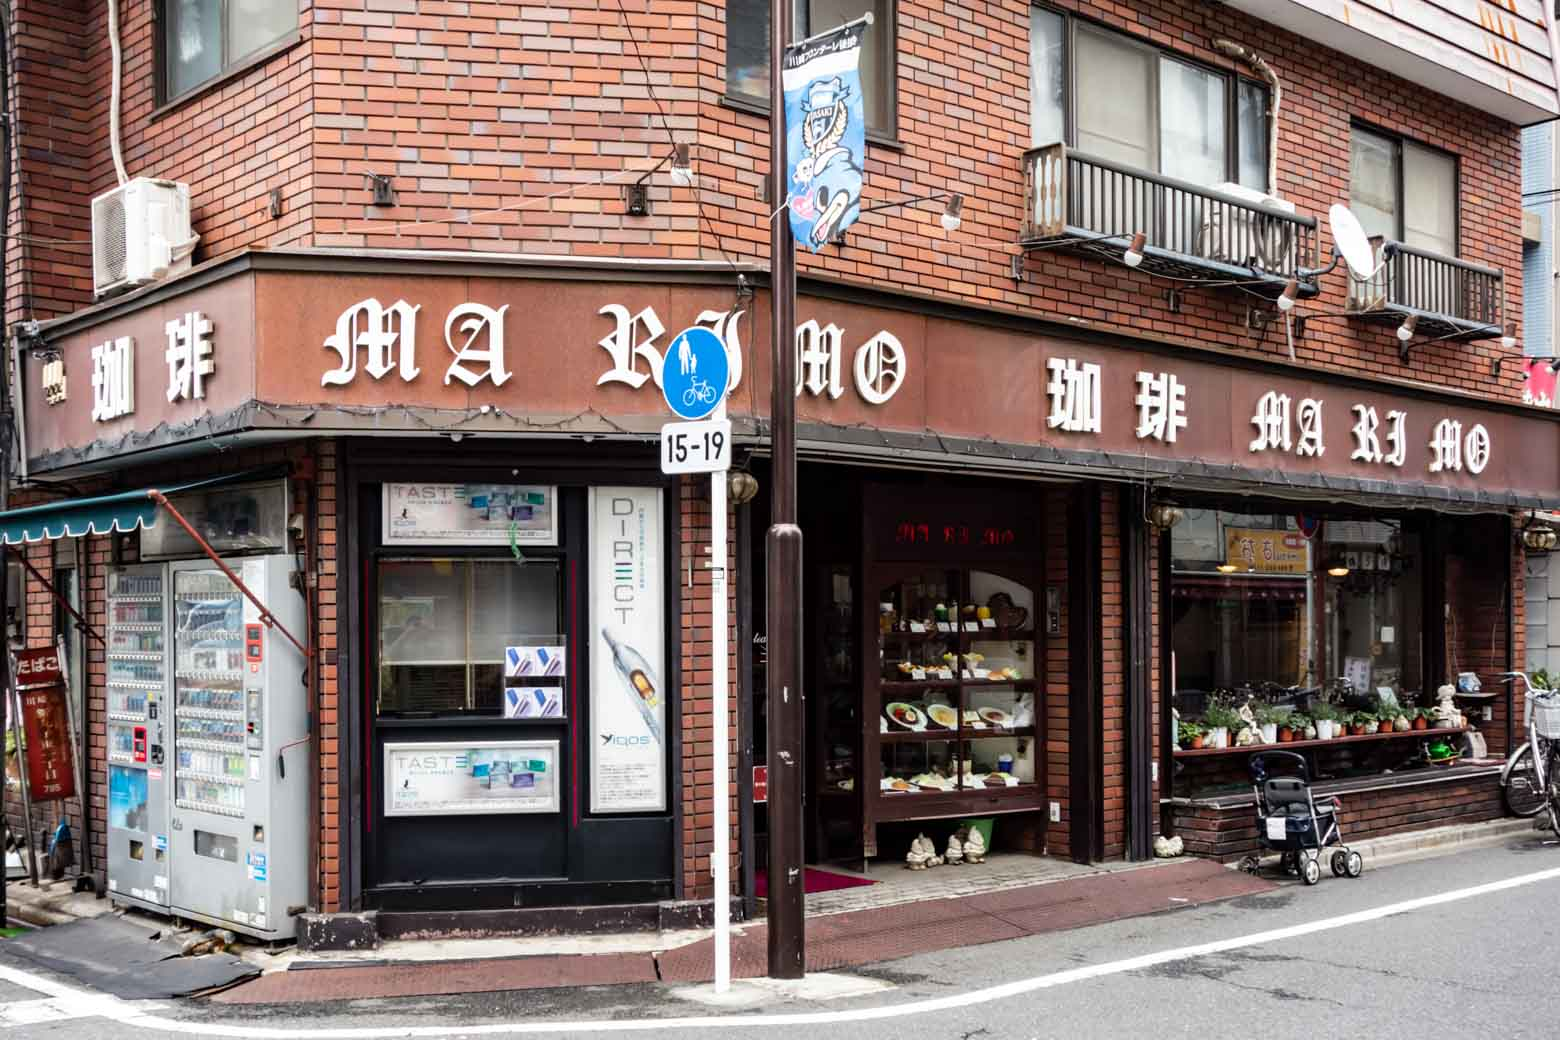 今回は東口側にある〈喫茶まりも〉という喫茶店をセレクト。地元民に愛されている老舗です。